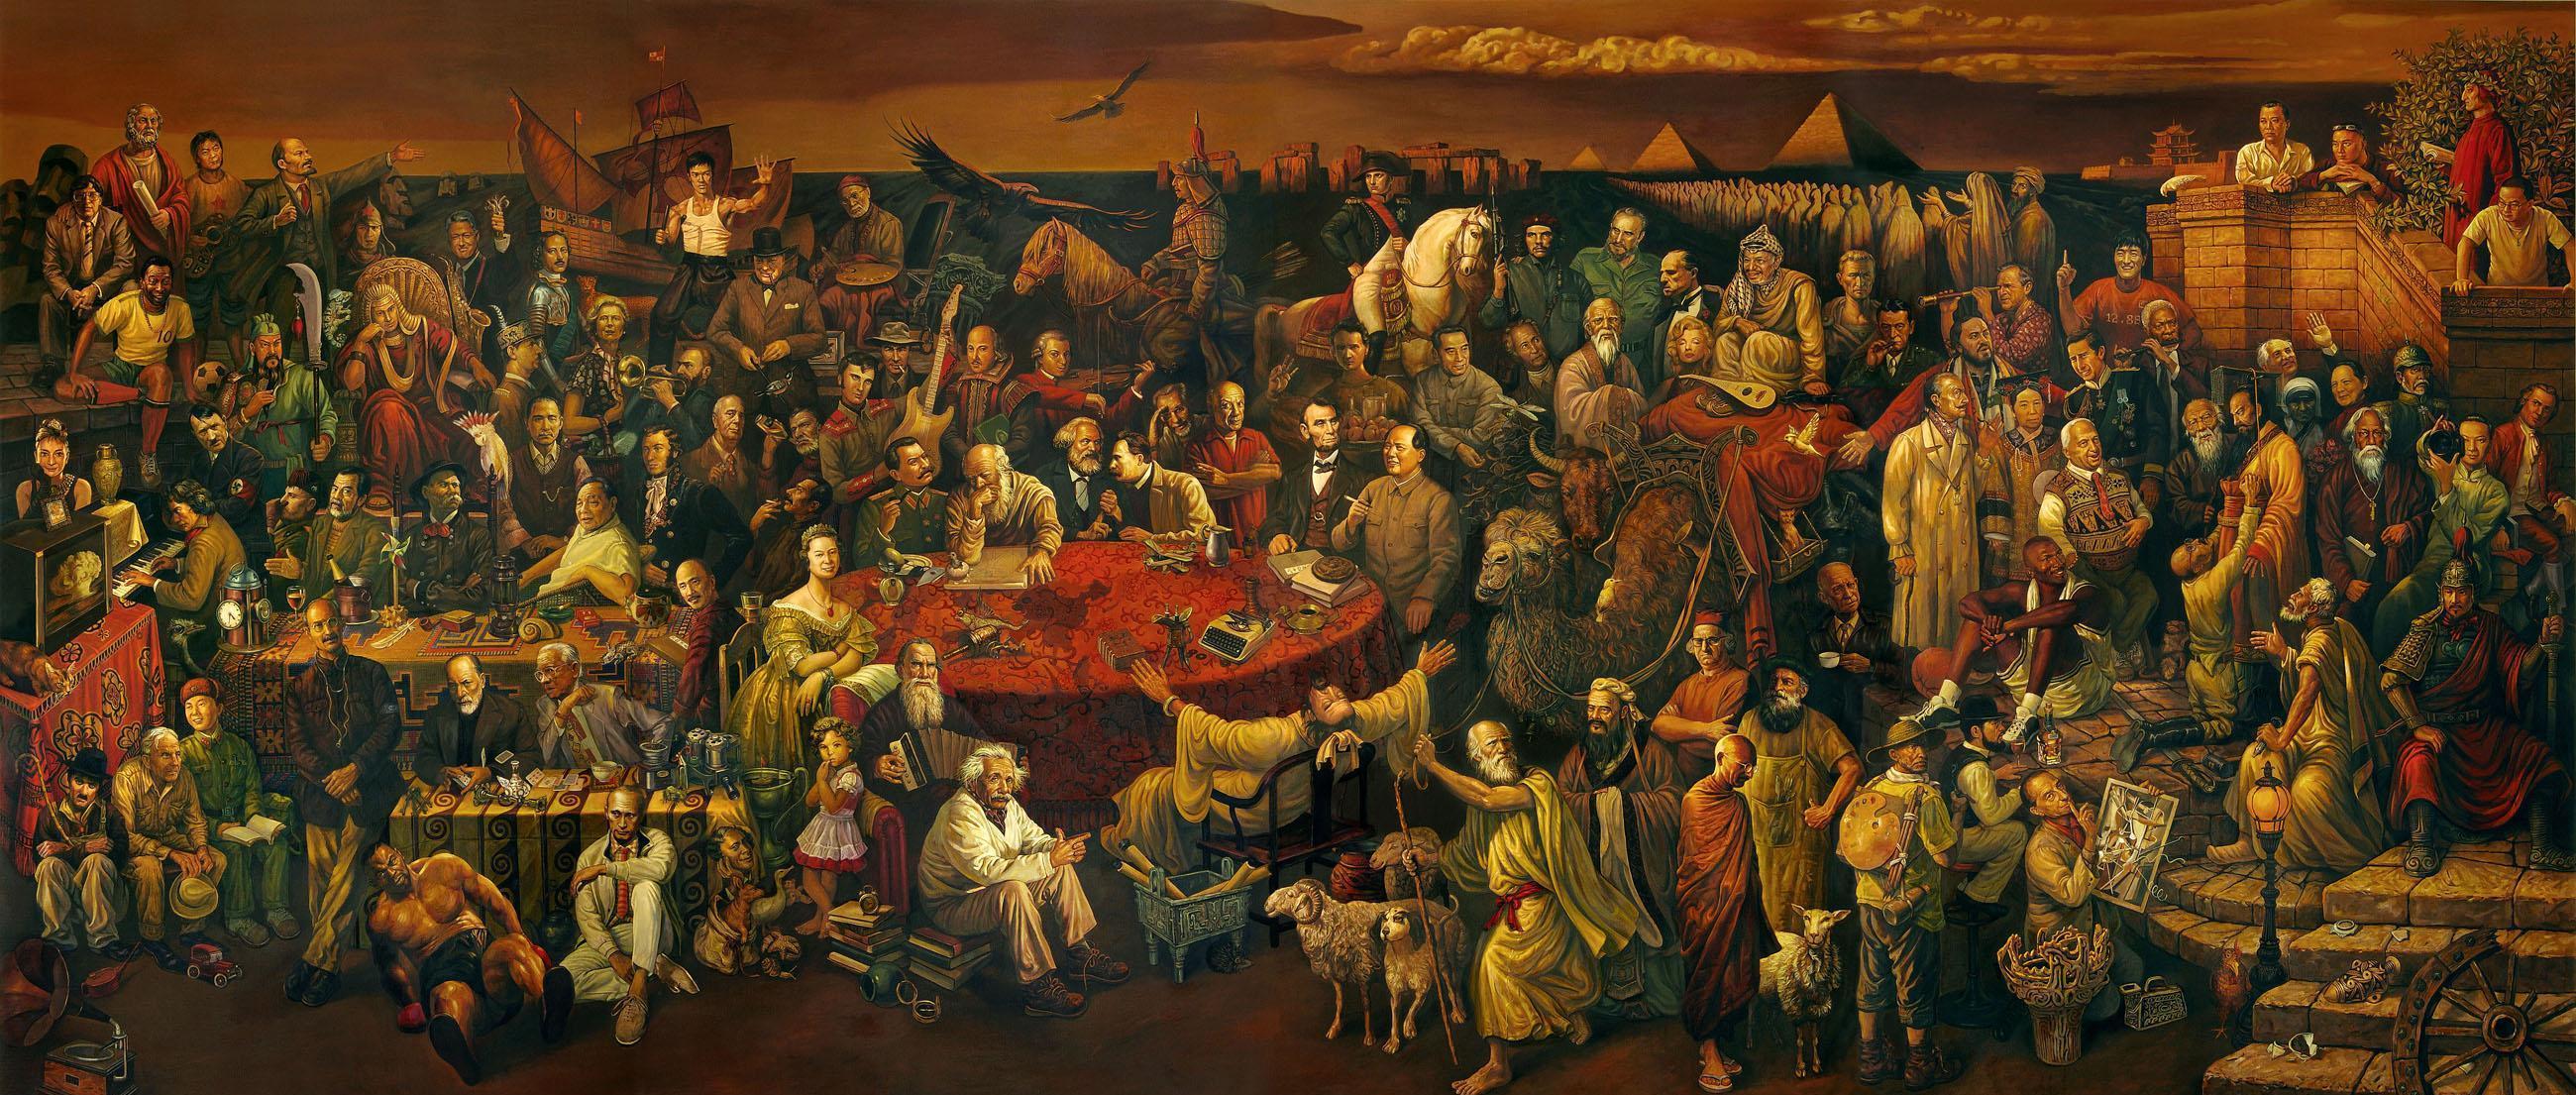 نقاشی مشاهیر تاریخ در یک قاب